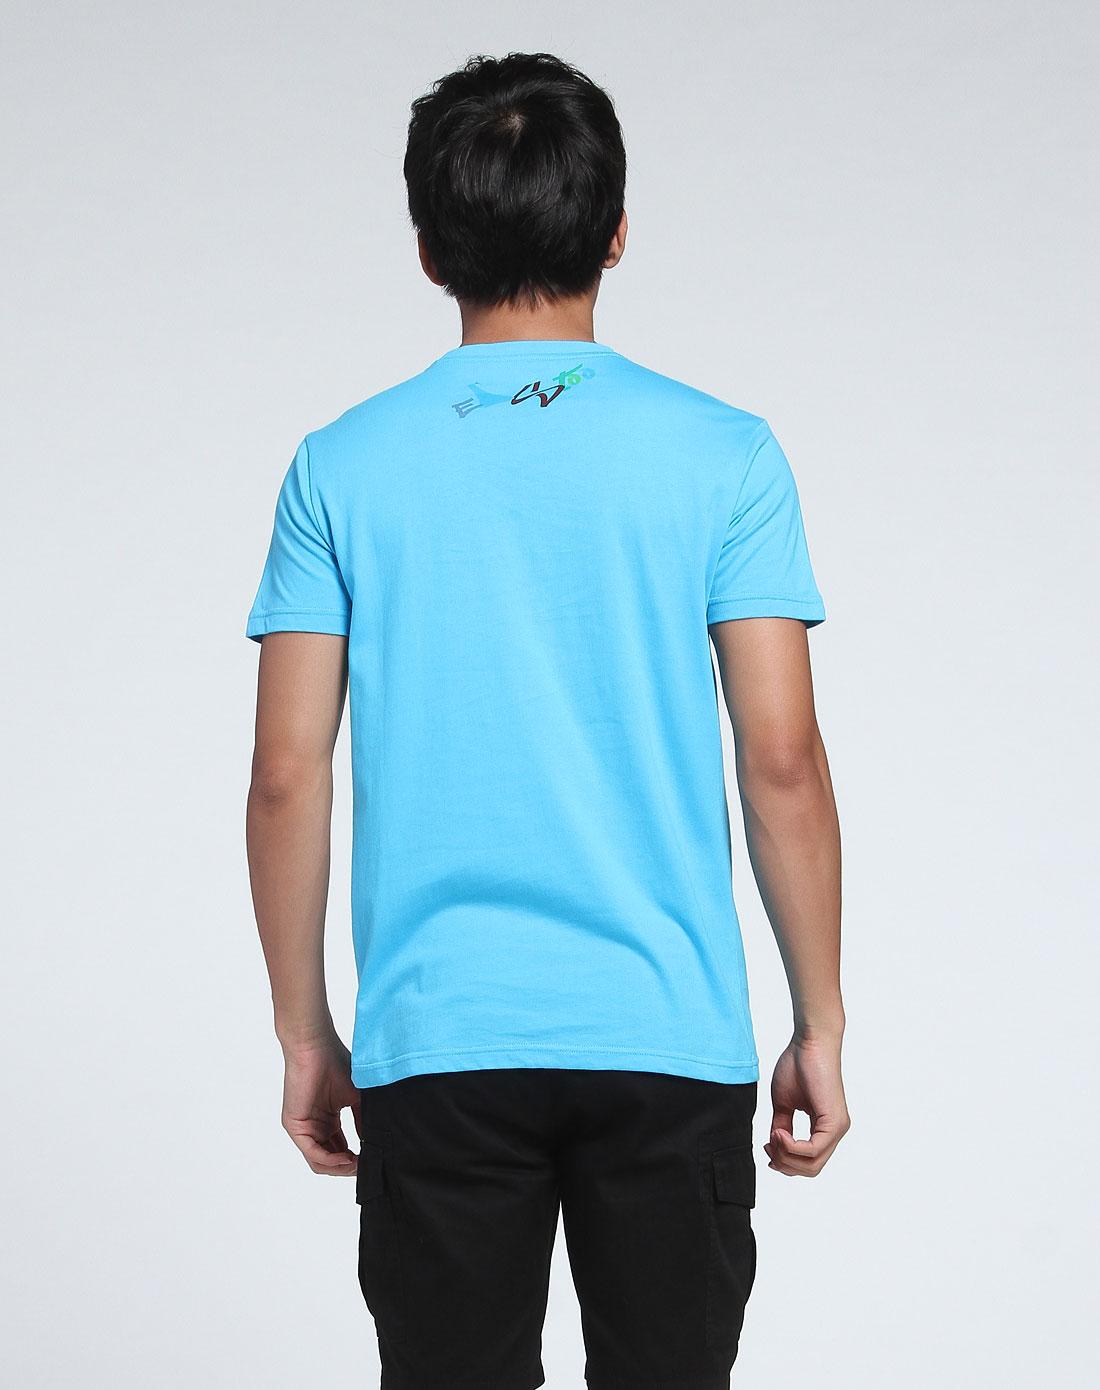 q版人物圆领蓝色短袖t恤